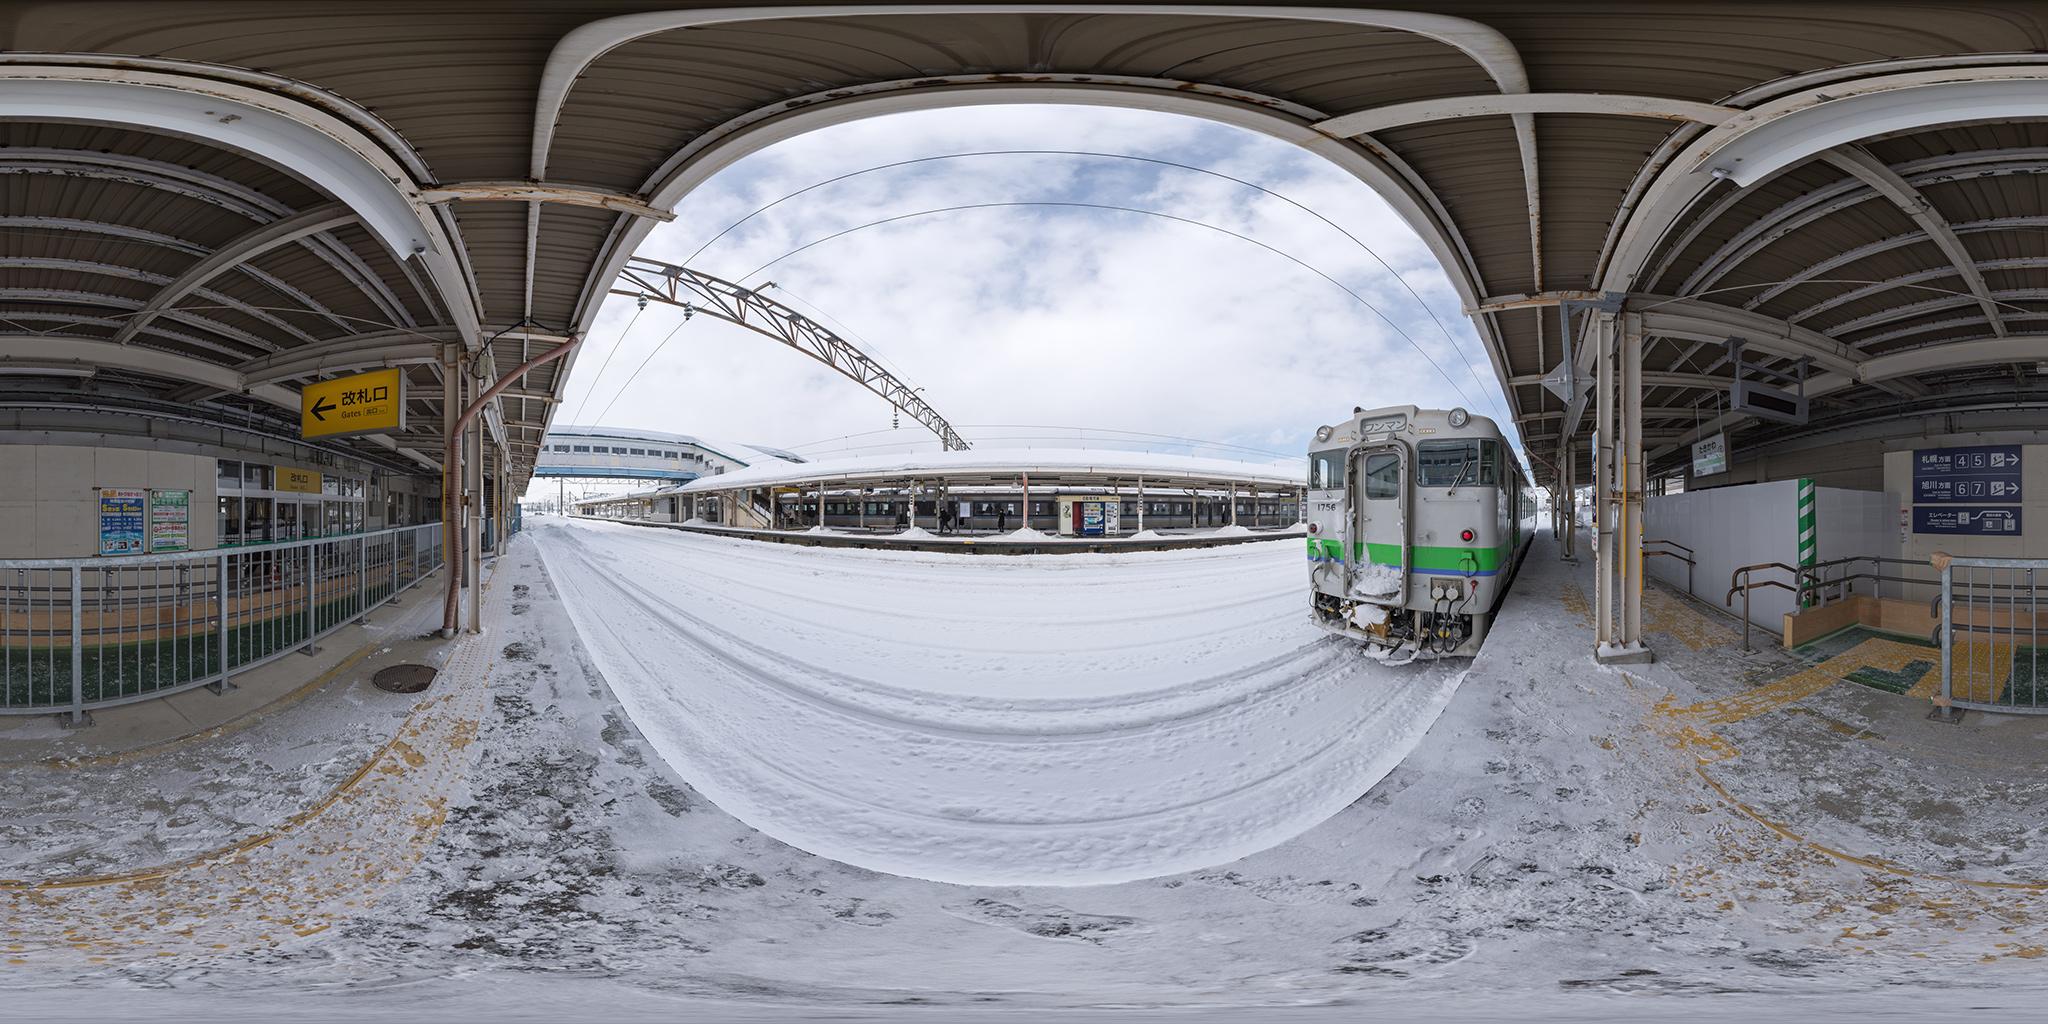 滝川発釧路行きの普通列車2429D